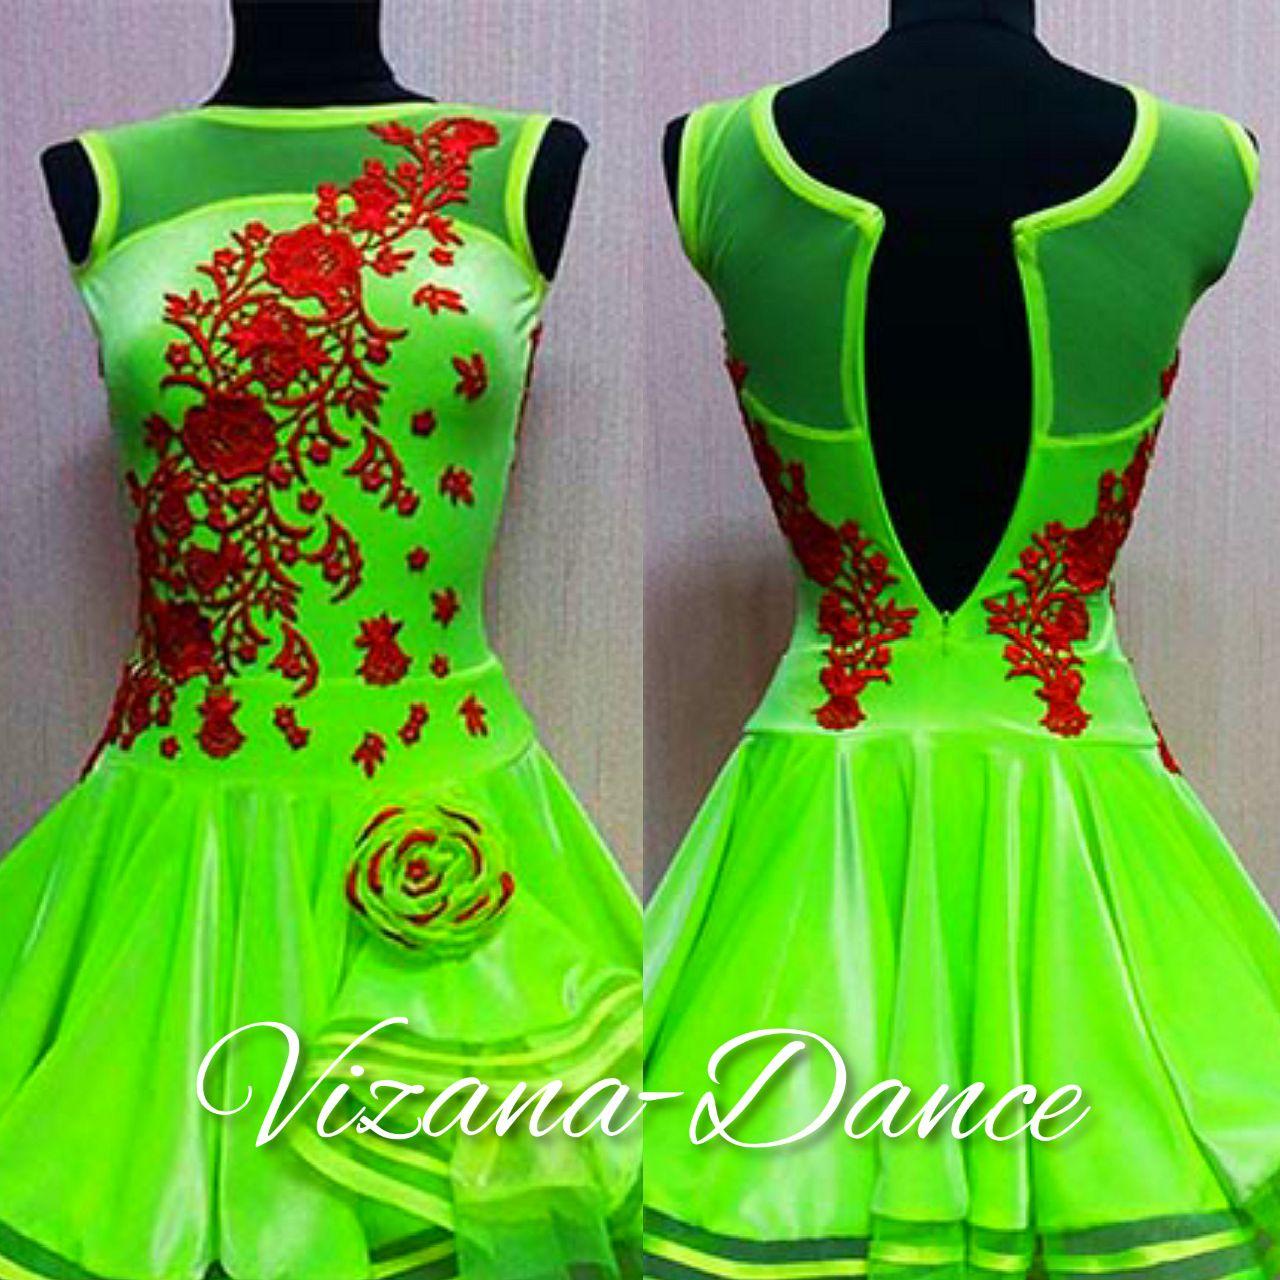 Платье латина Юн-1 Прокат: 450 грн.